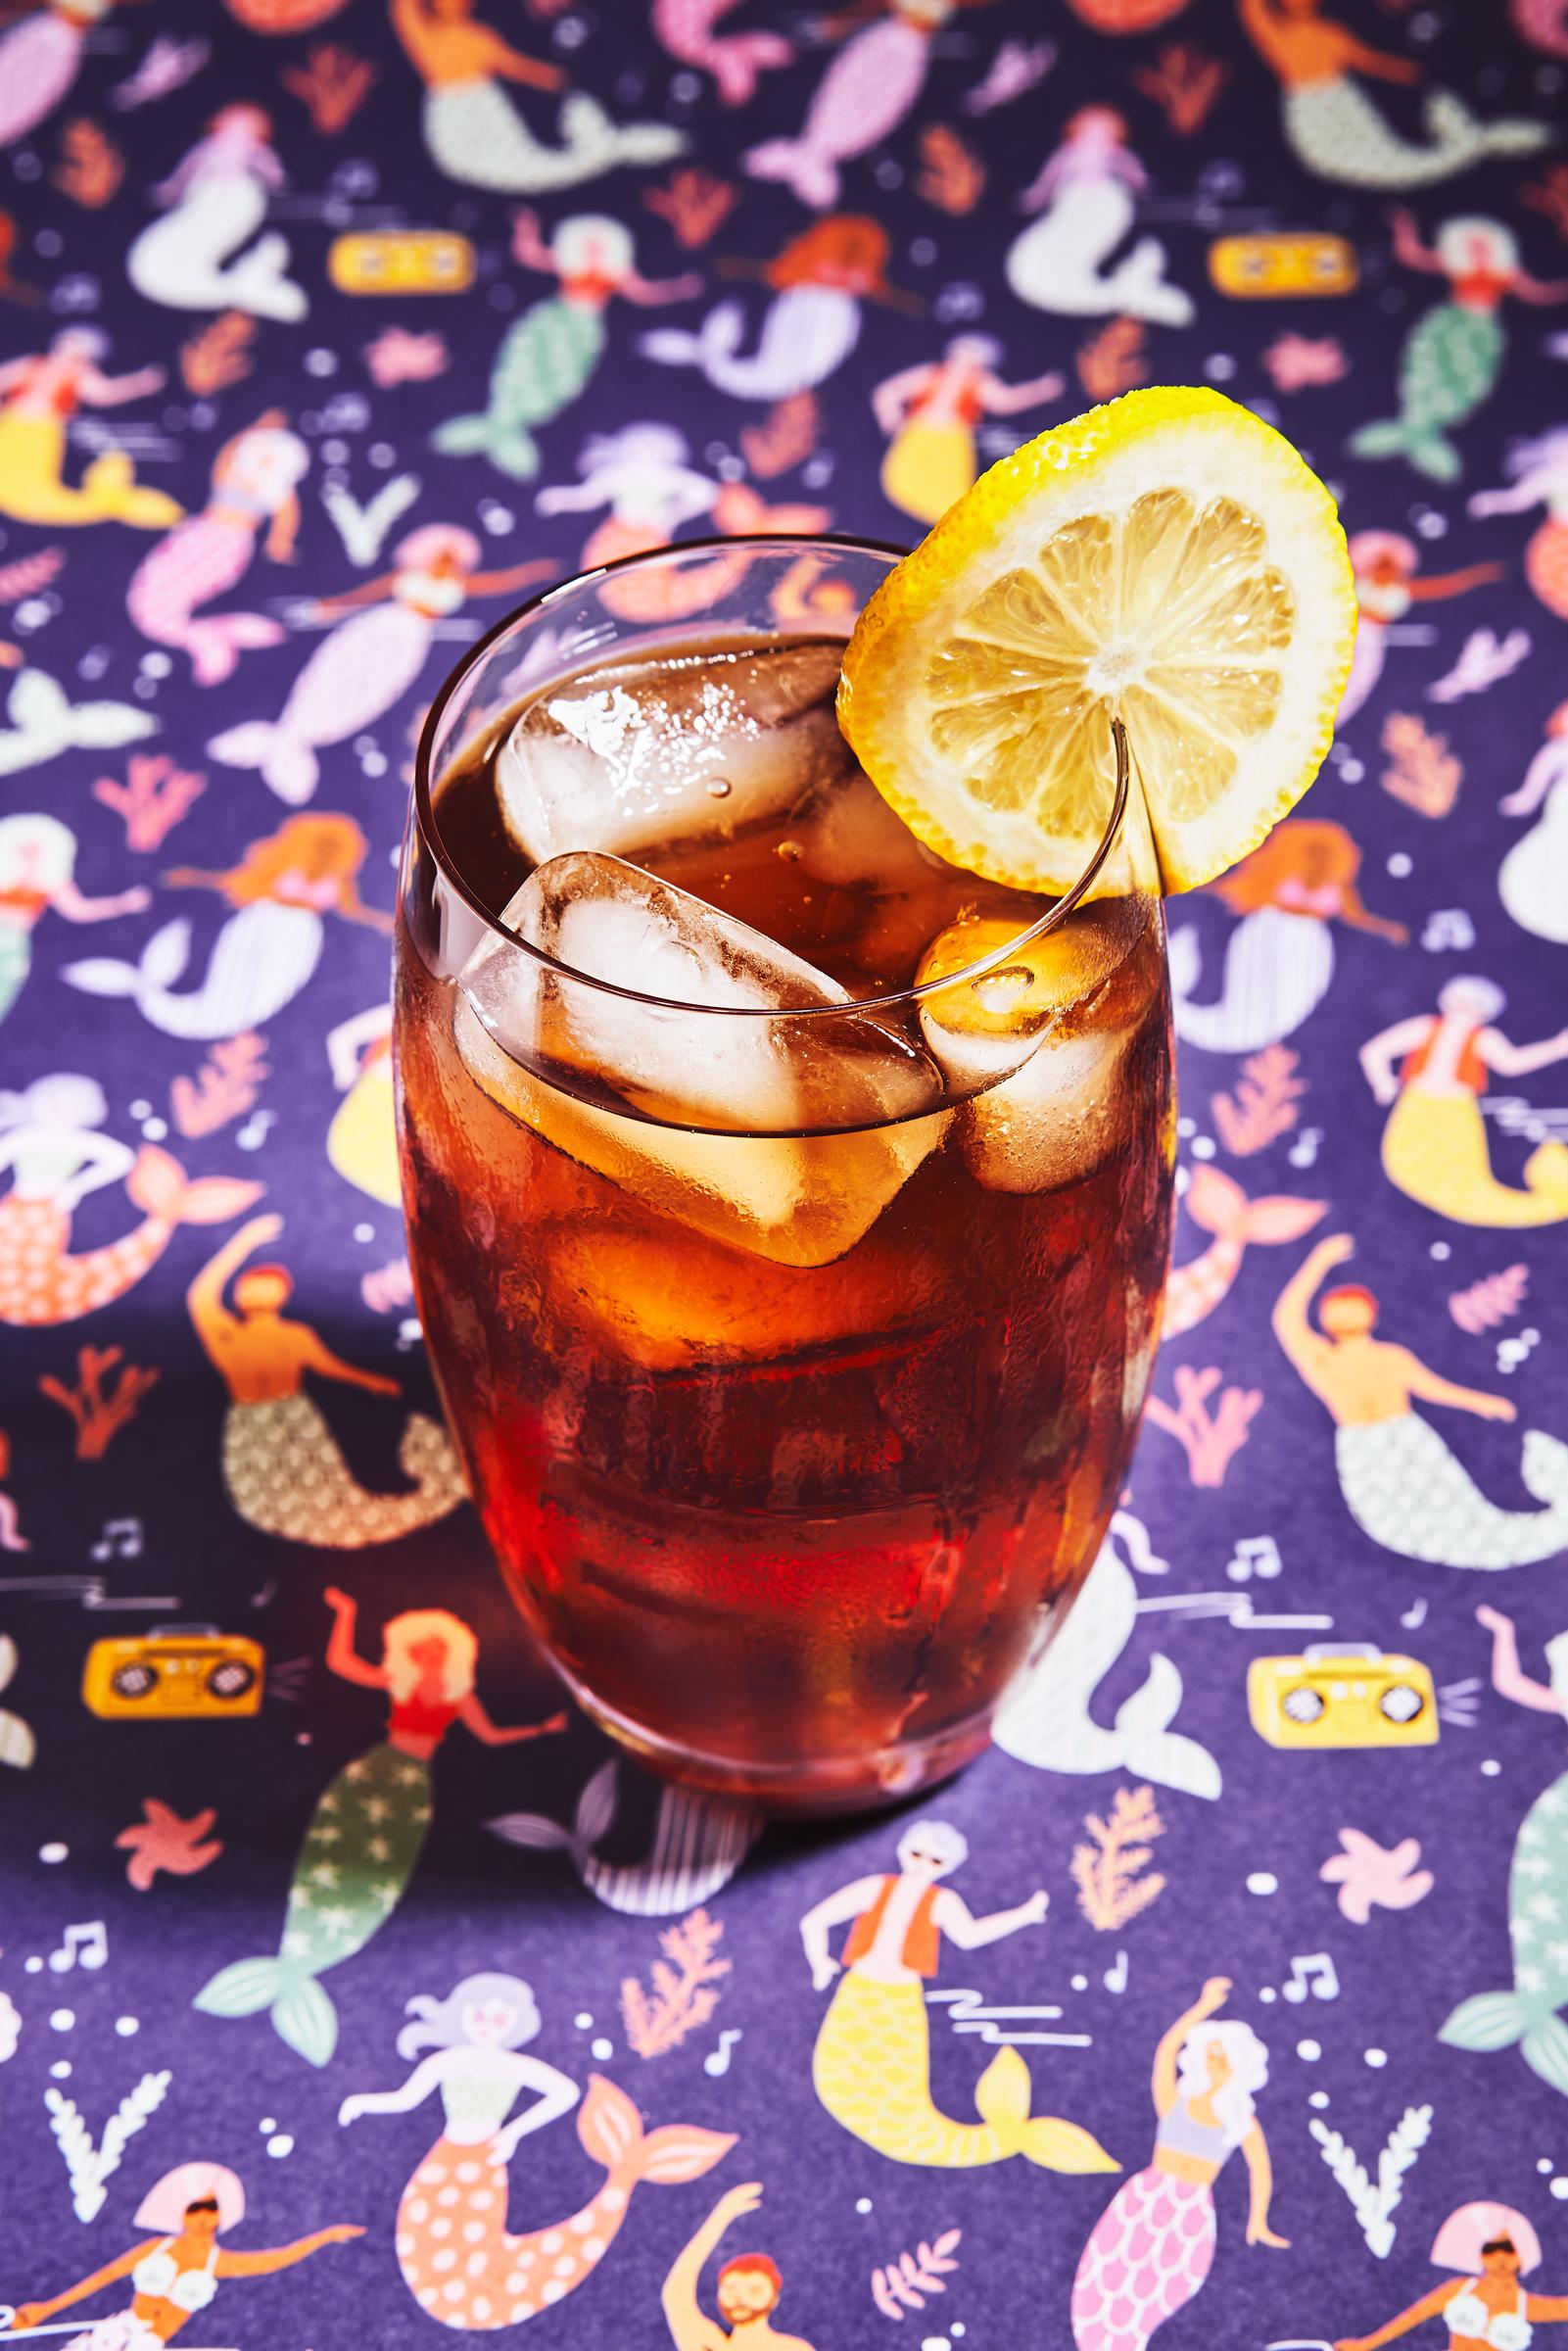 deepi-ahluwalia-summer-drinks-5.jpg